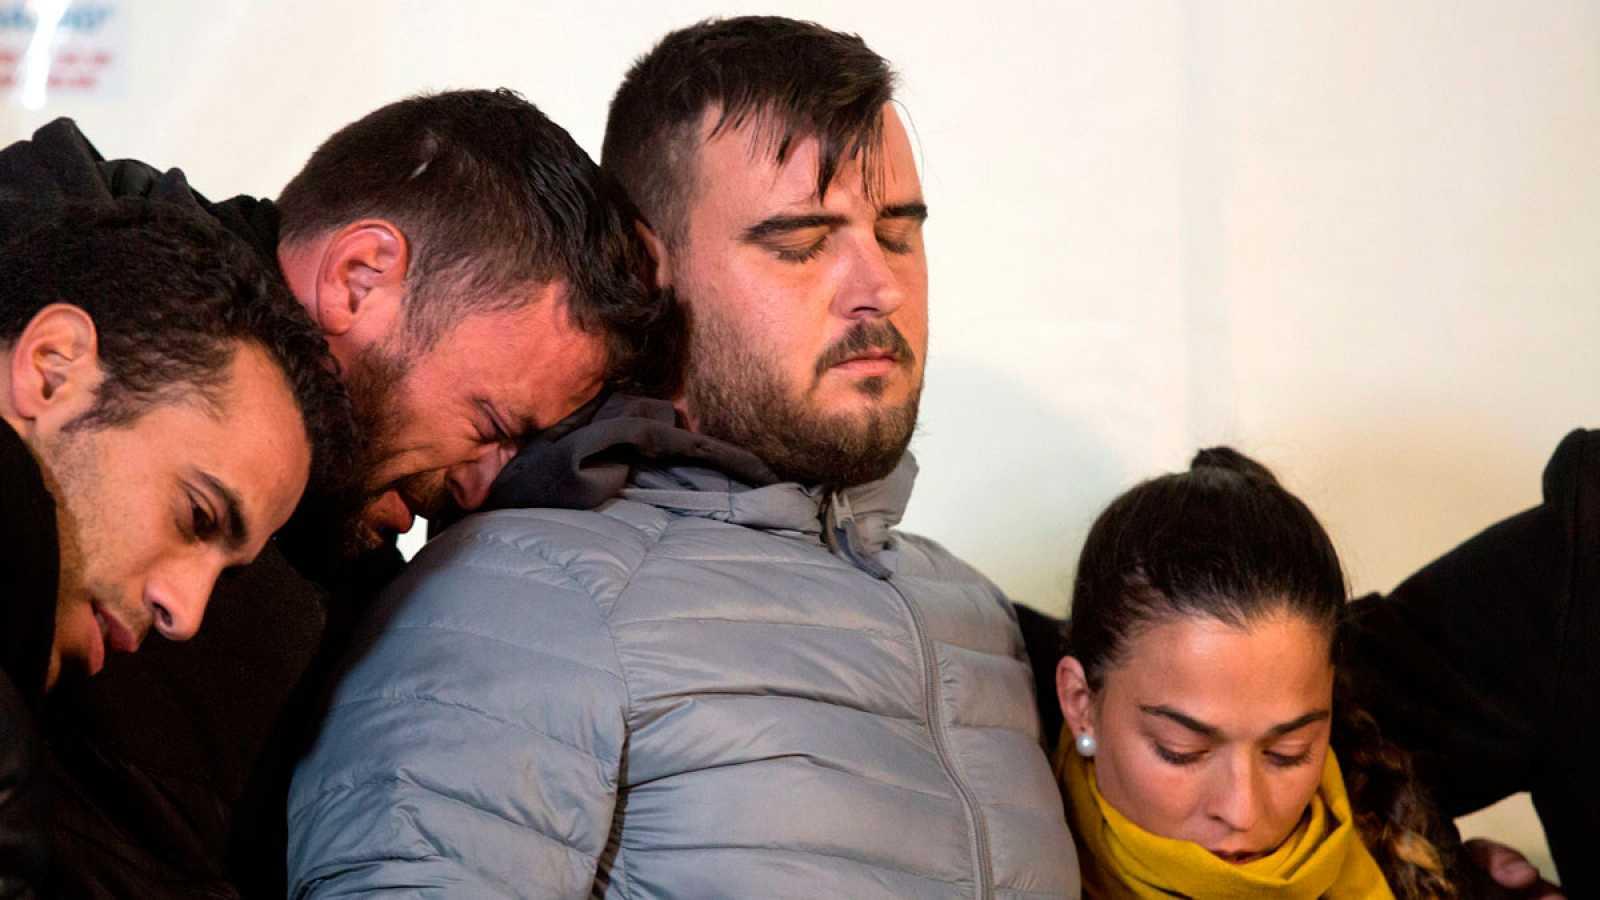 Los padres del pequeño Julen, Victoria y José, han pasado las primeras horas después de conocer la muerte del pequeño arropados por familiares, amigos y vecinos